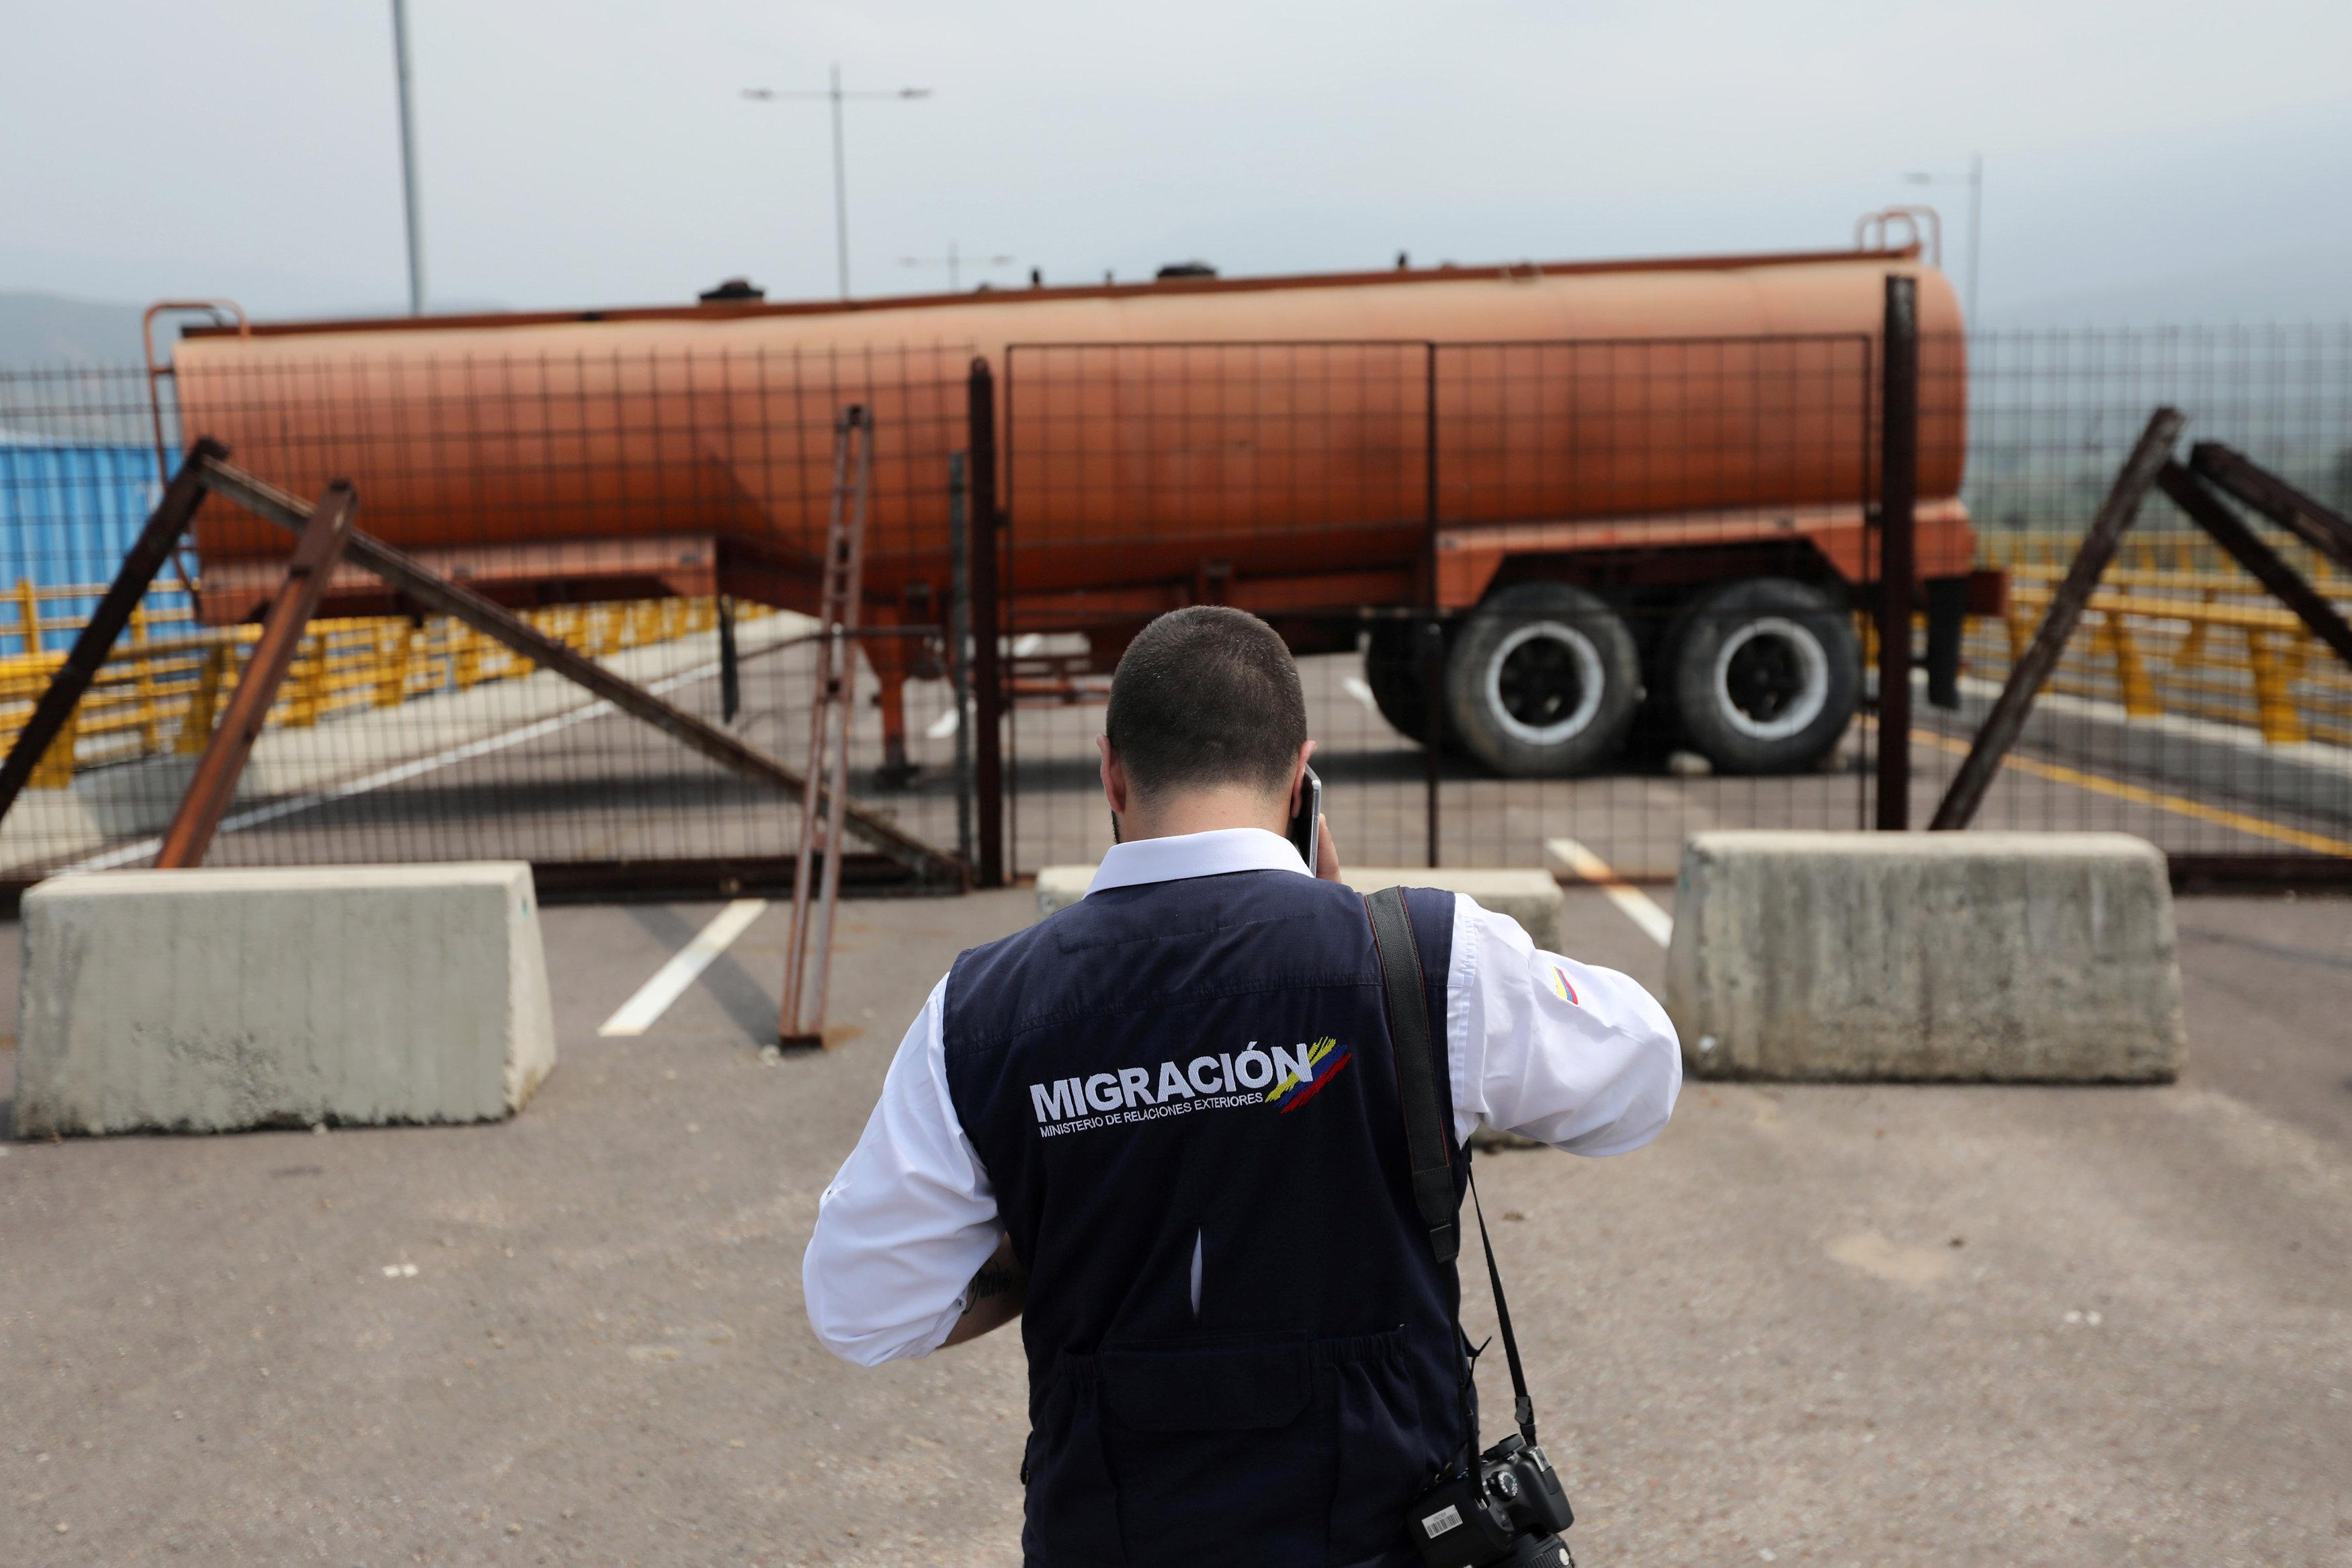 Un tanque bloquea el paso en la frontera entre Colombia y Venezuela, en Cucuta. Por allí deberían pasar los suministros de la ayuda humanitaria (REUTERS/Luisa Gonzalez)